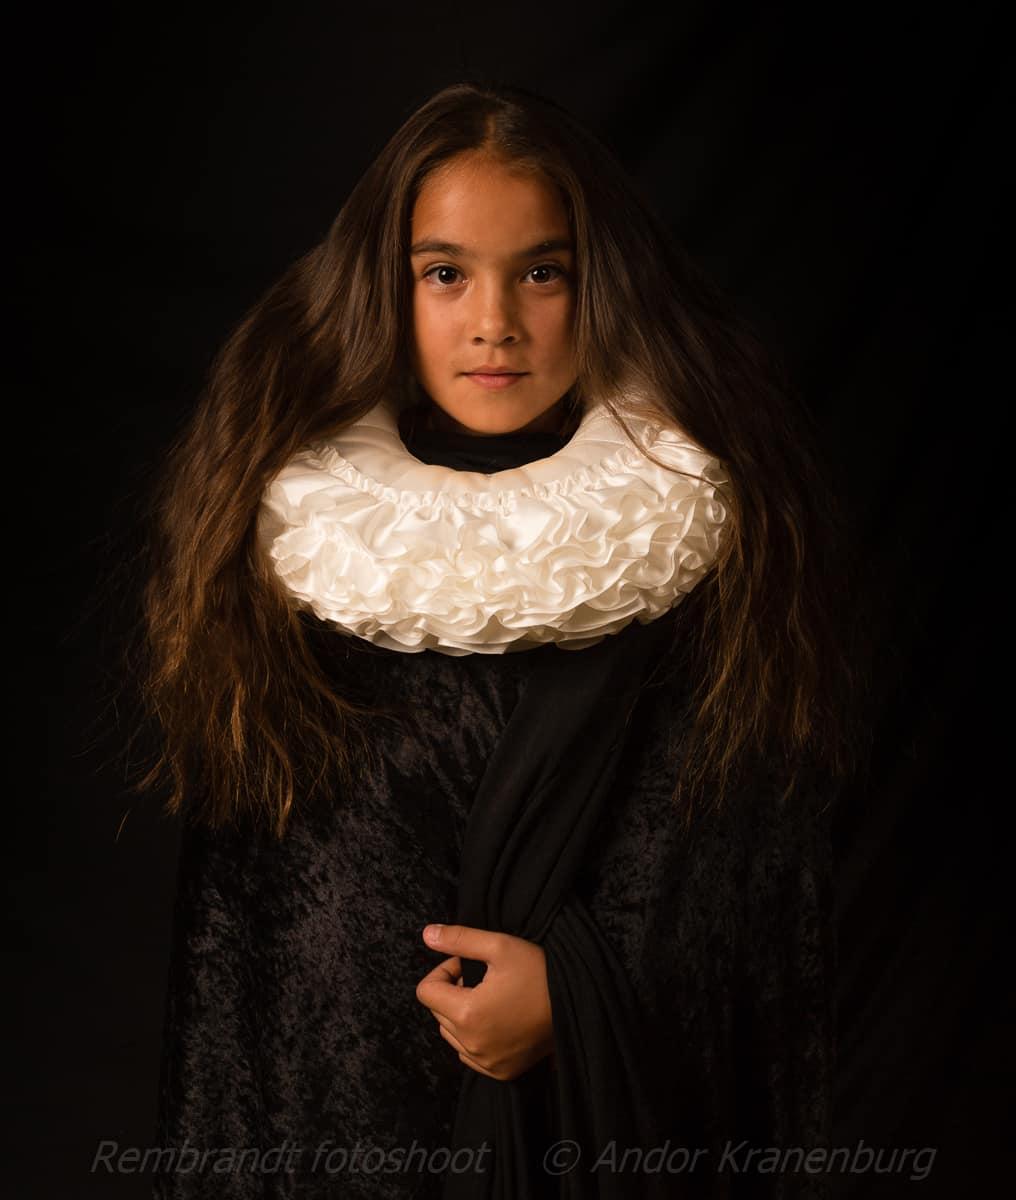 Rembrandt Nacht van Ontdekkingen 2019 Andor Kranenburg-8893